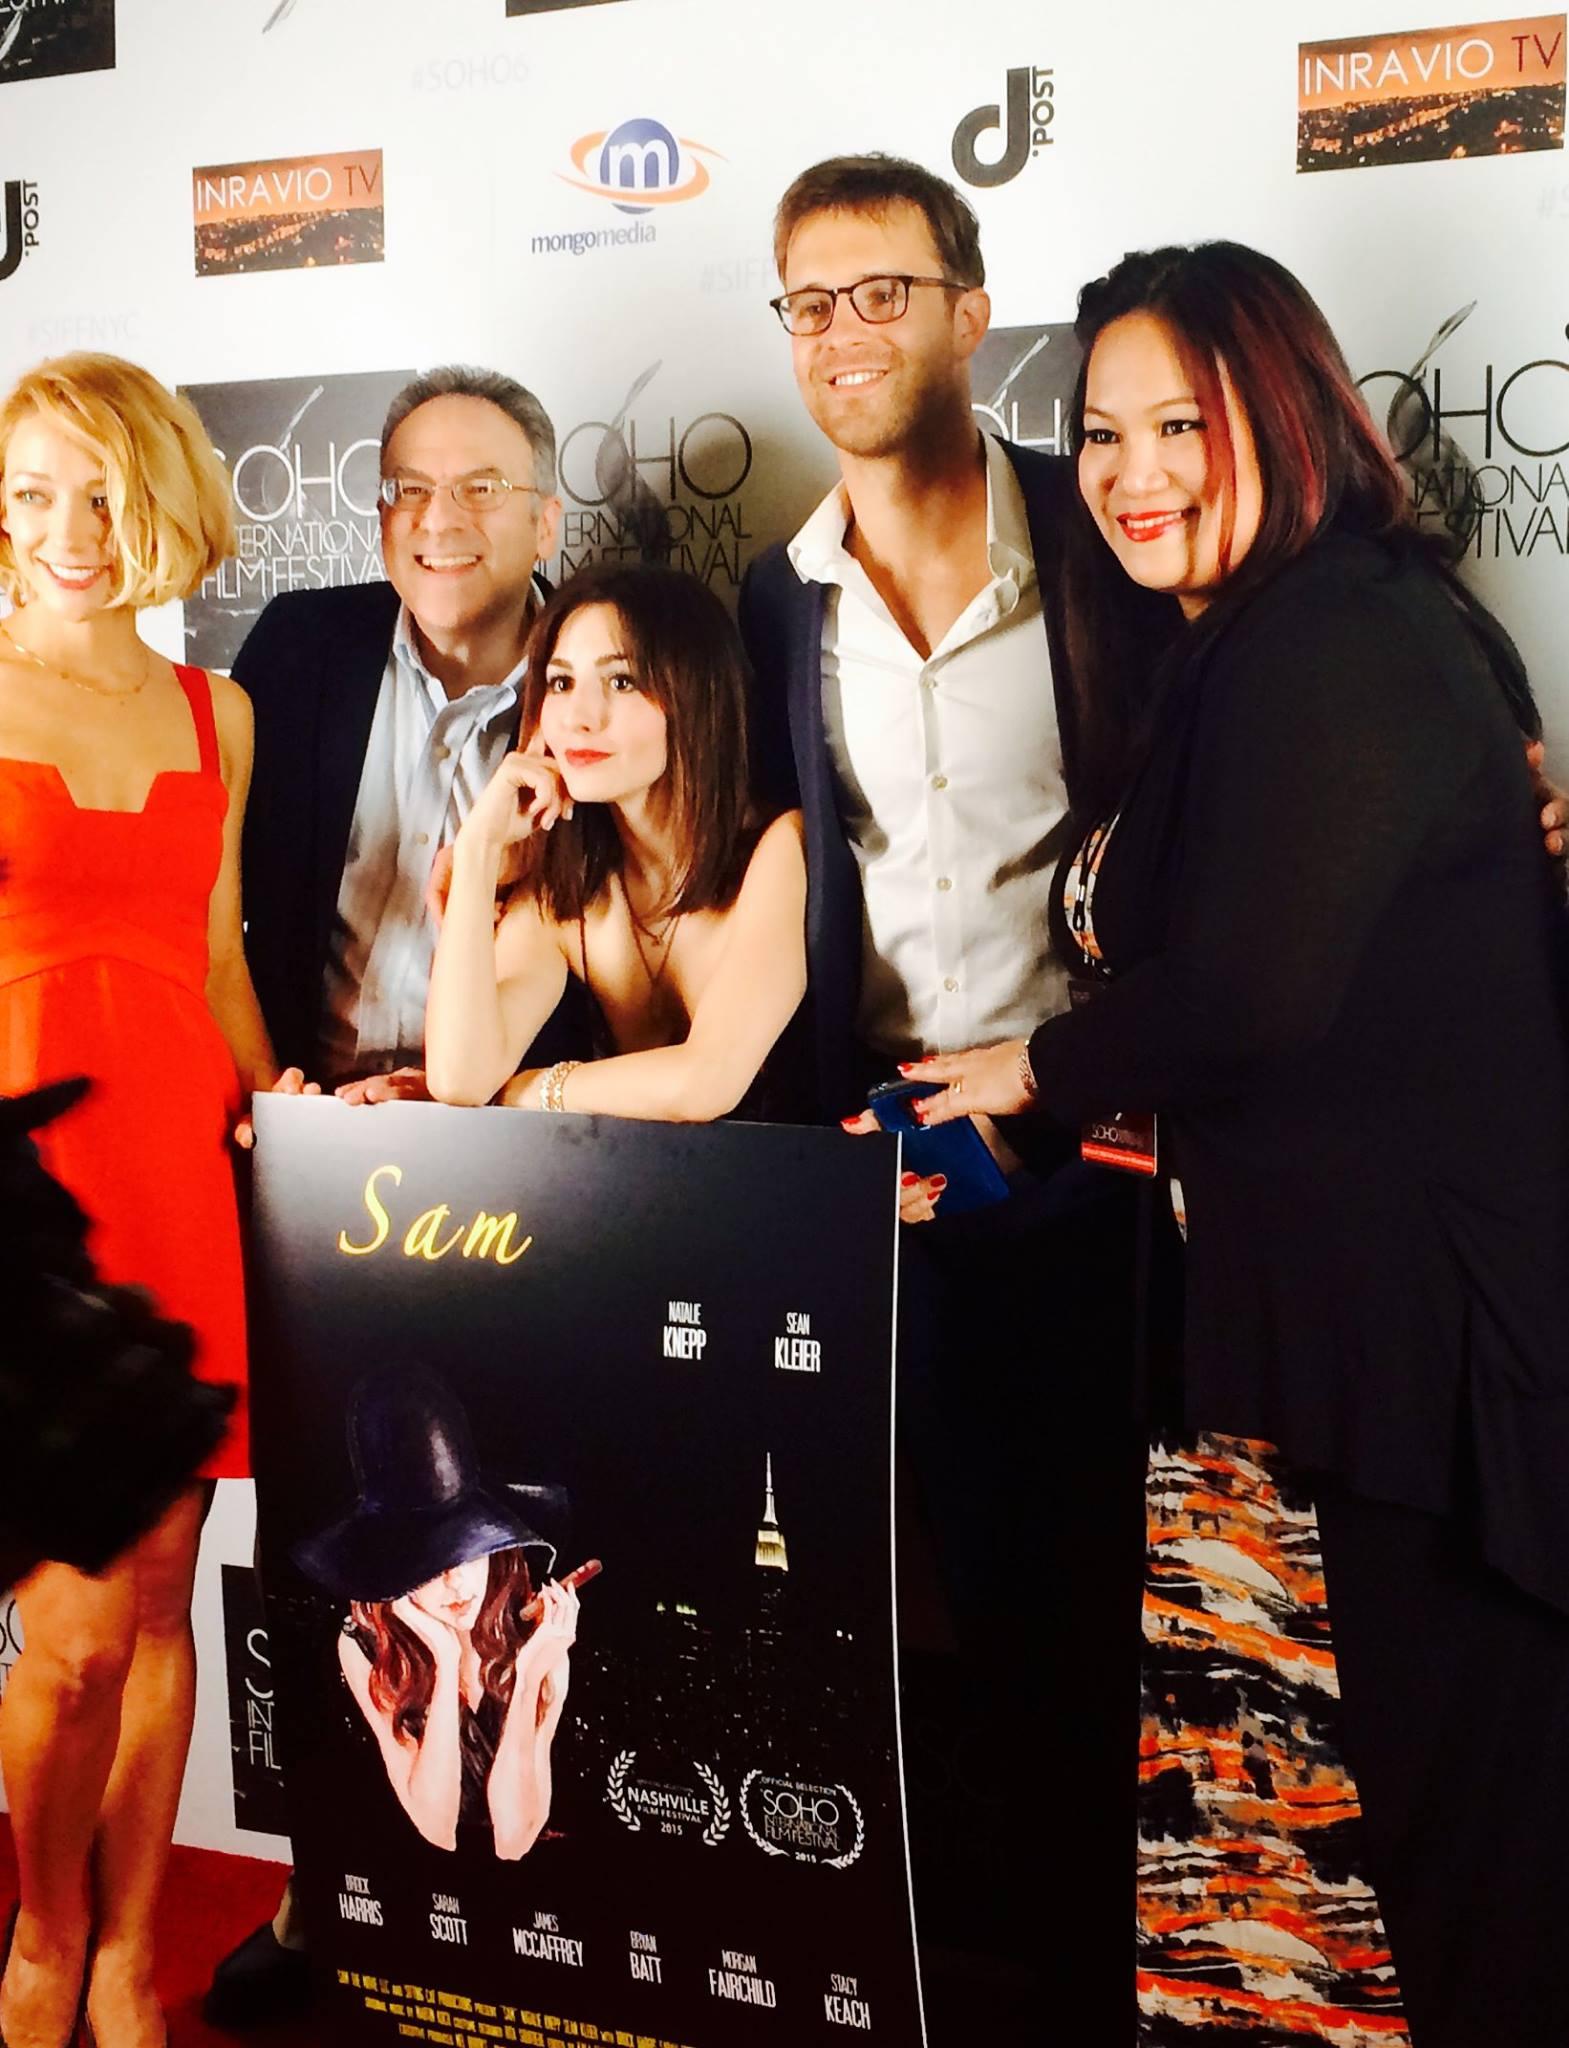 2015 Soho International Film Festival Wraps With A Bang